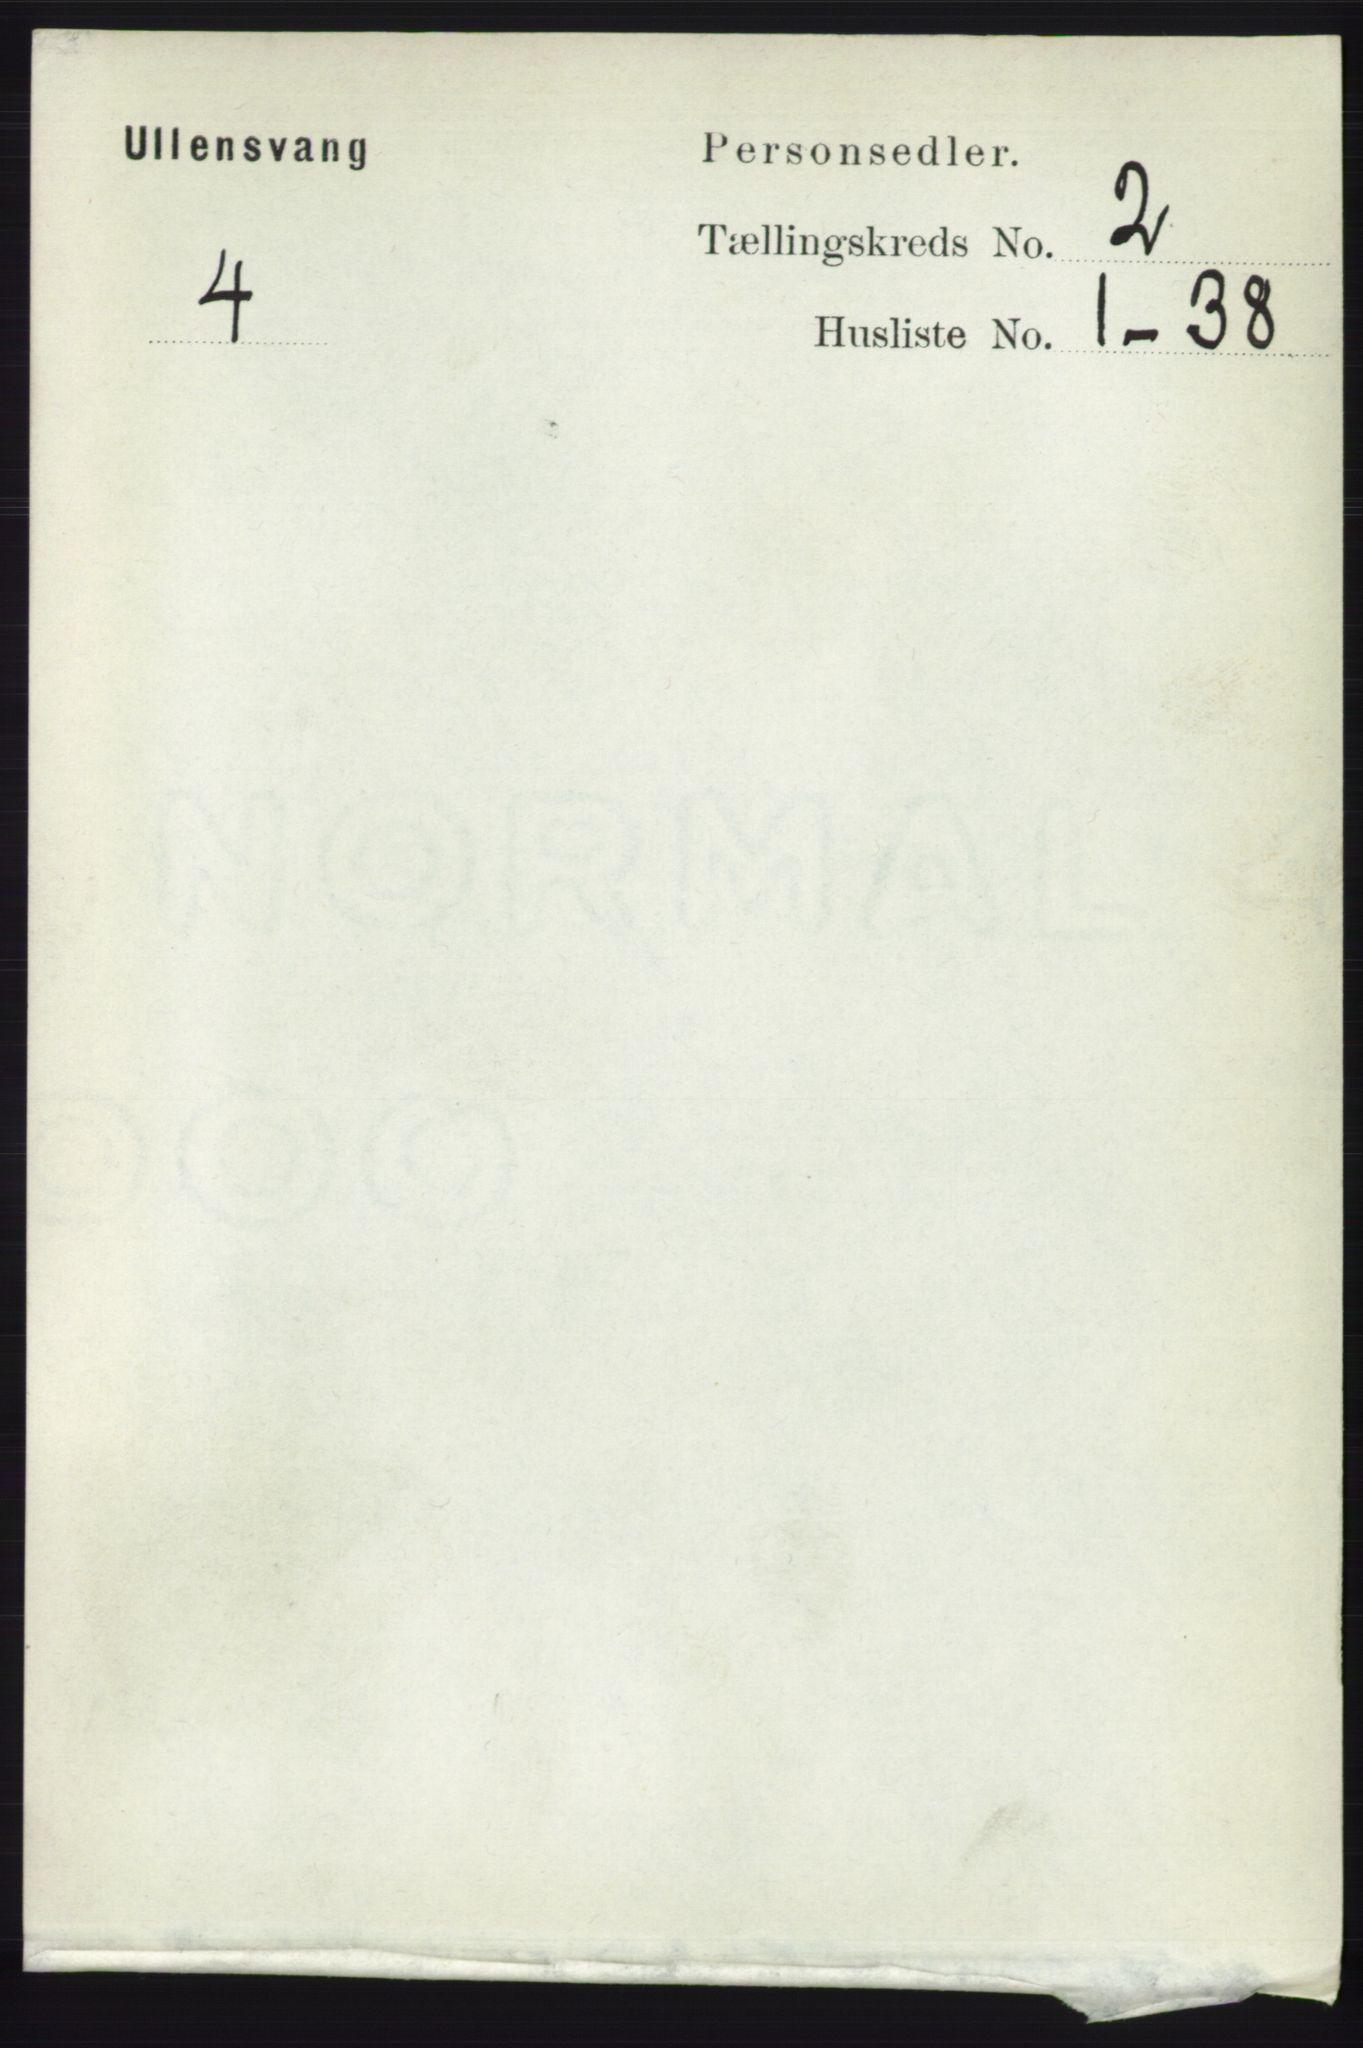 RA, Folketelling 1891 for 1230 Ullensvang herred, 1891, s. 320